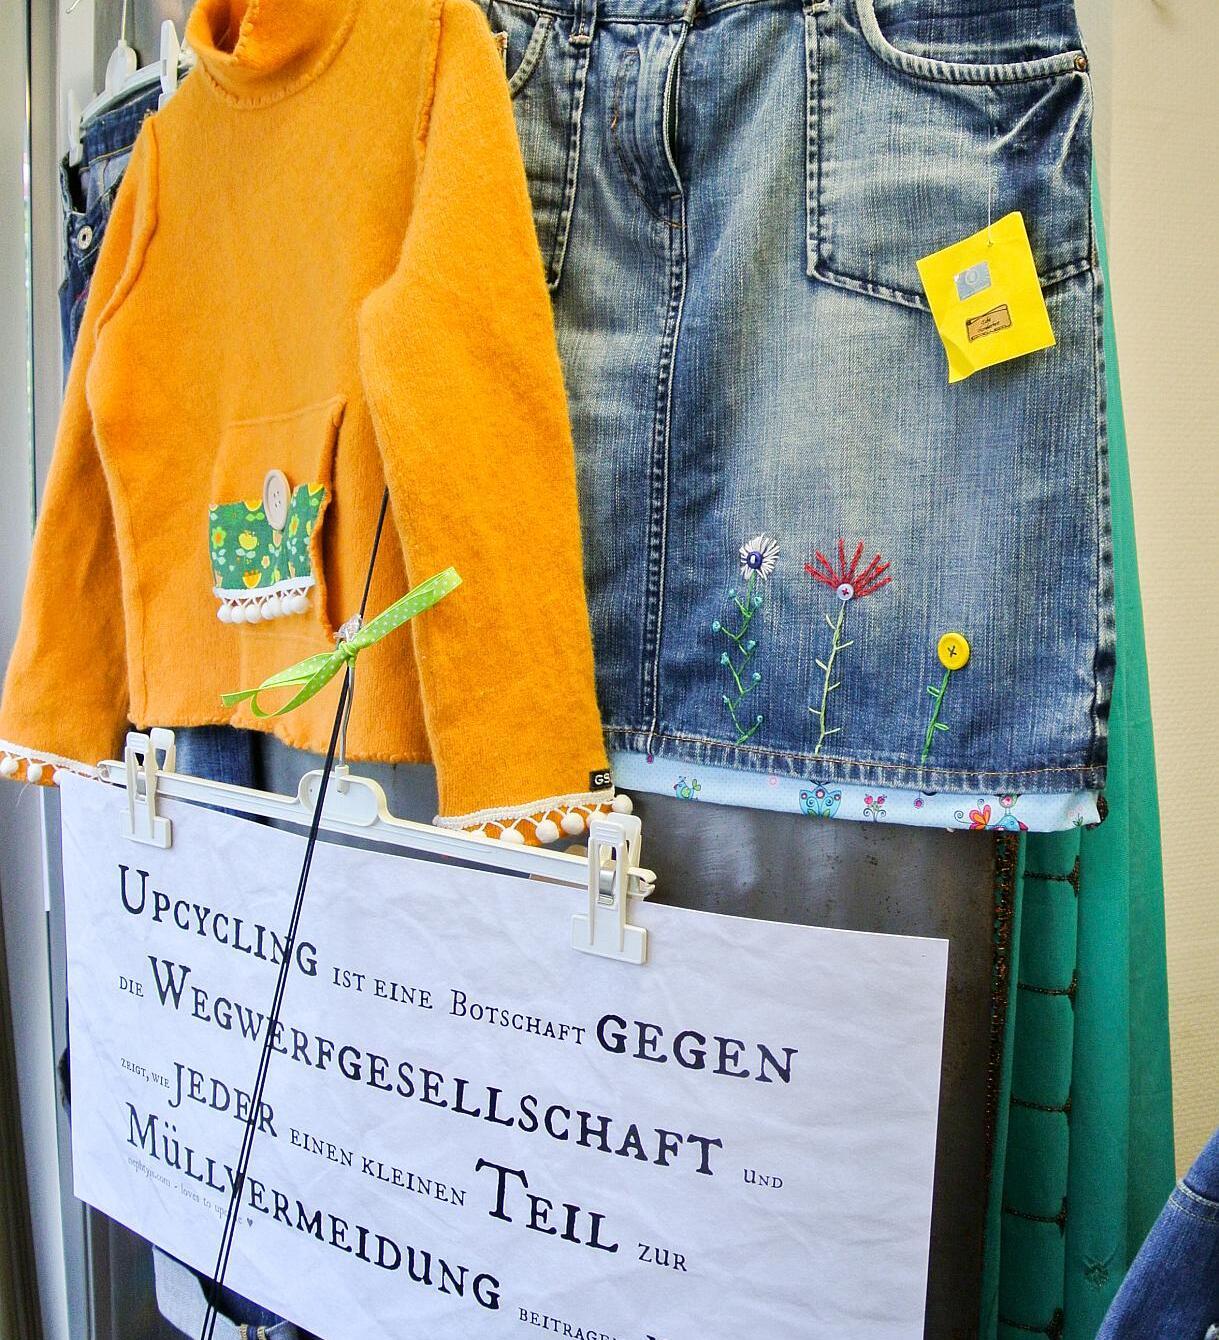 Ein orange Pulli und eine Jeans hängen an einer Wand. Darunter ein Schild mit der Aufschrift Upcycling ist eine Botschaft gegen die Wegwerfgesellschaft...